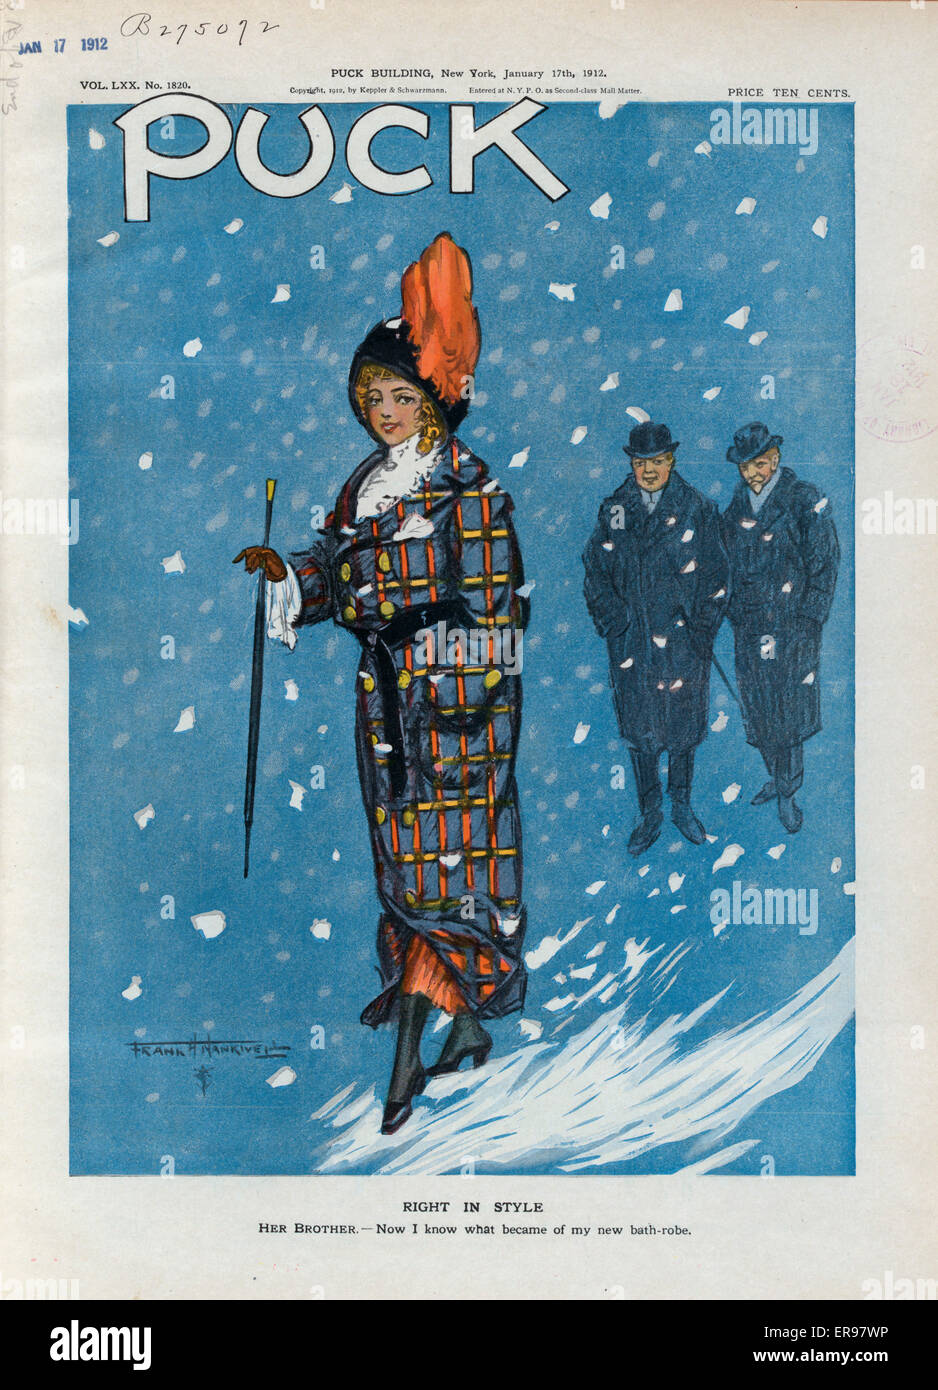 L illustration montre une jolie jeune femme élégamment vêtue de la dernière  mode. Janvier 1912 Date 17. 0085a730c8e0